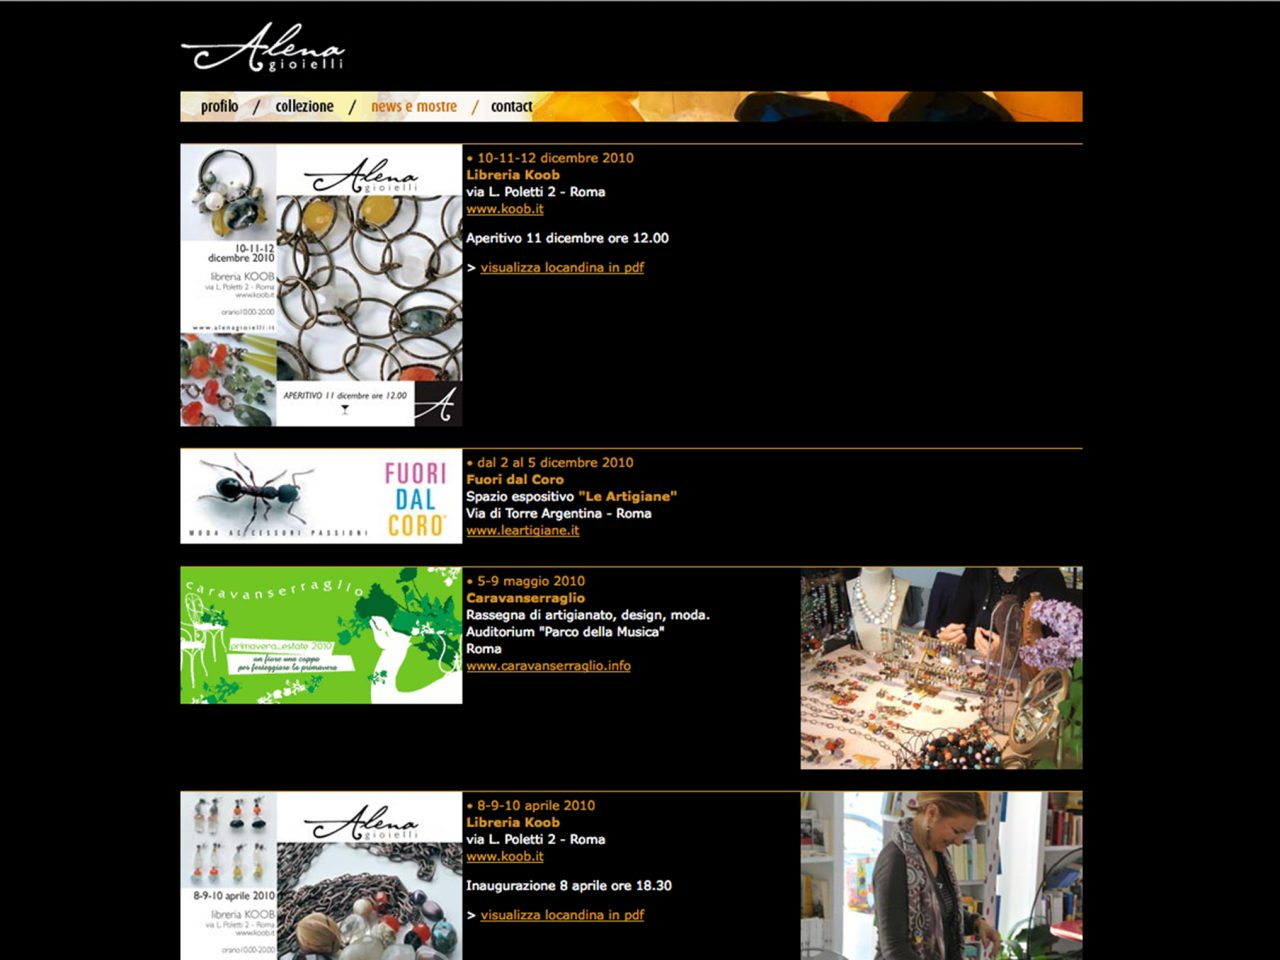 pagina news sito alena gioielli